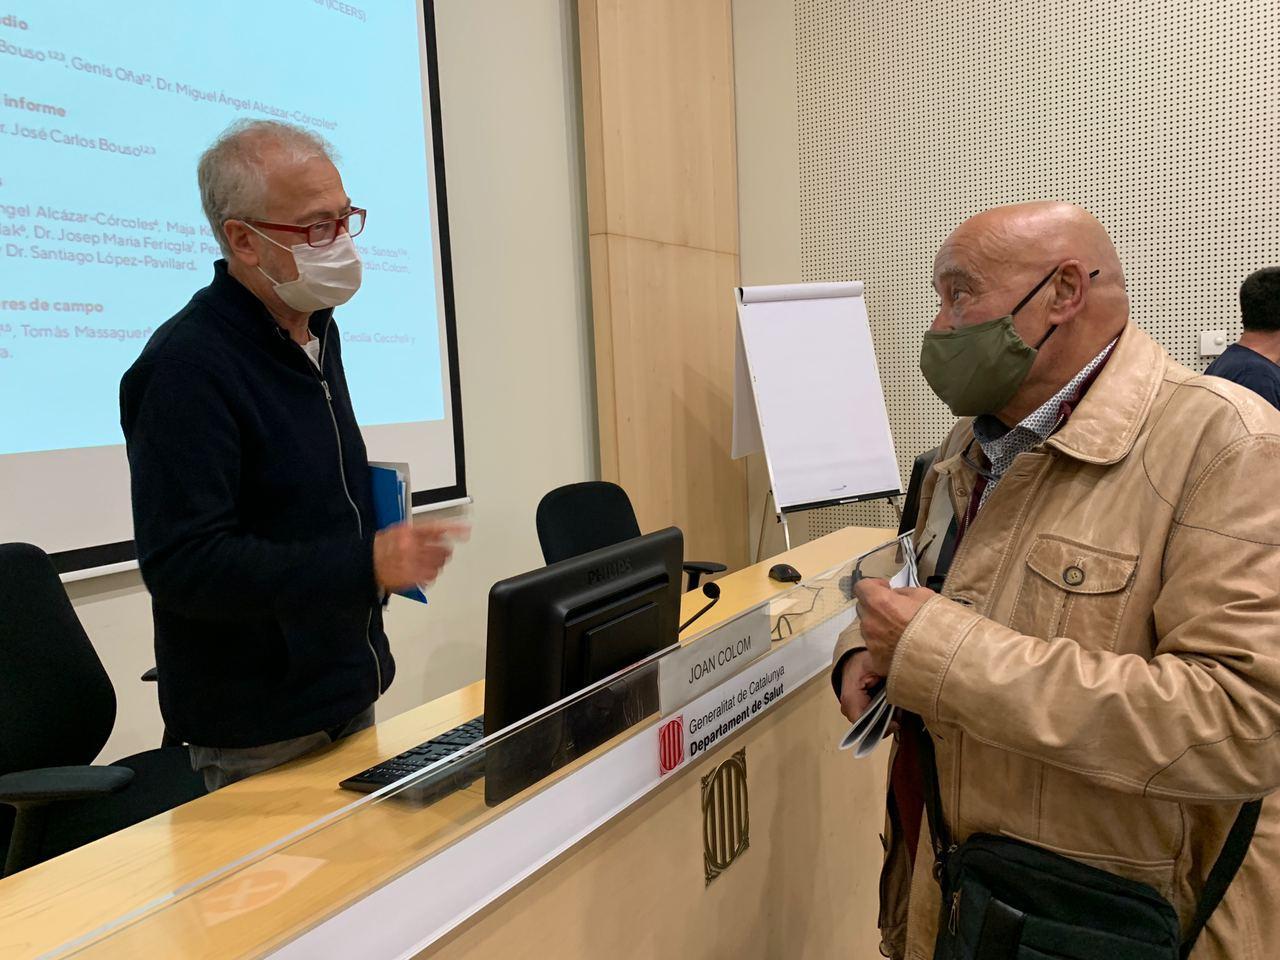 Joan Colom Josep Vila presentación Barcelona informe ayahuasca